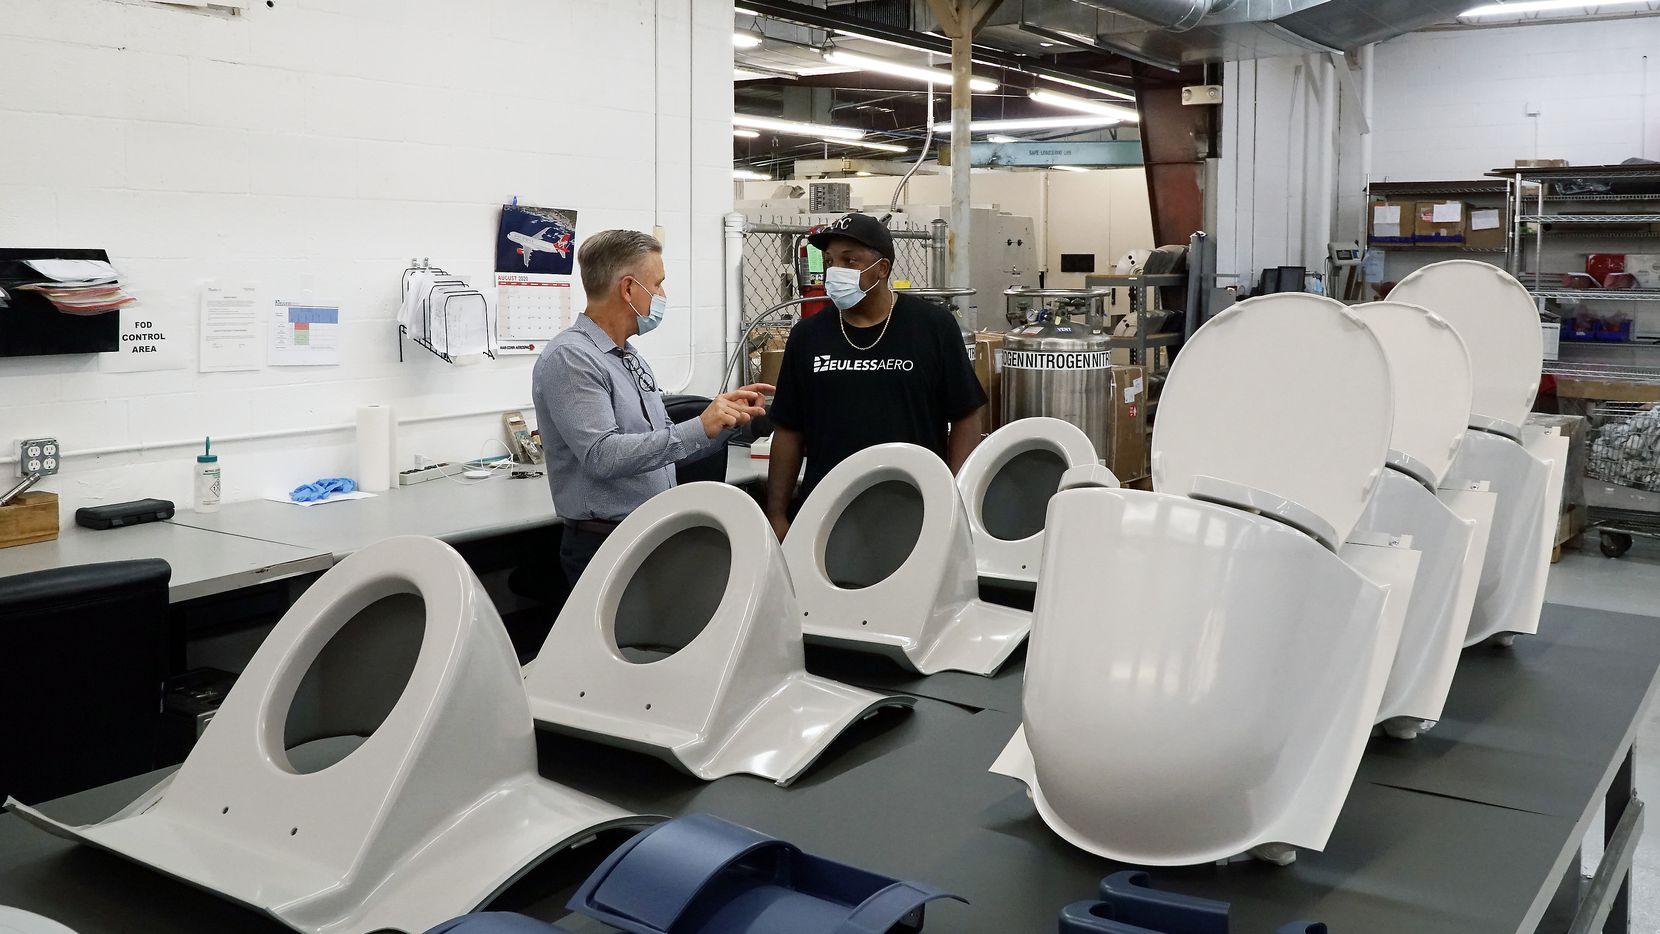 David Baker habla con el gerente Rajsnaad Taylor en Aereos, en Euless. Esta empresa busca que la industria aérea se vuelva a sentir segura para las pasajeros.